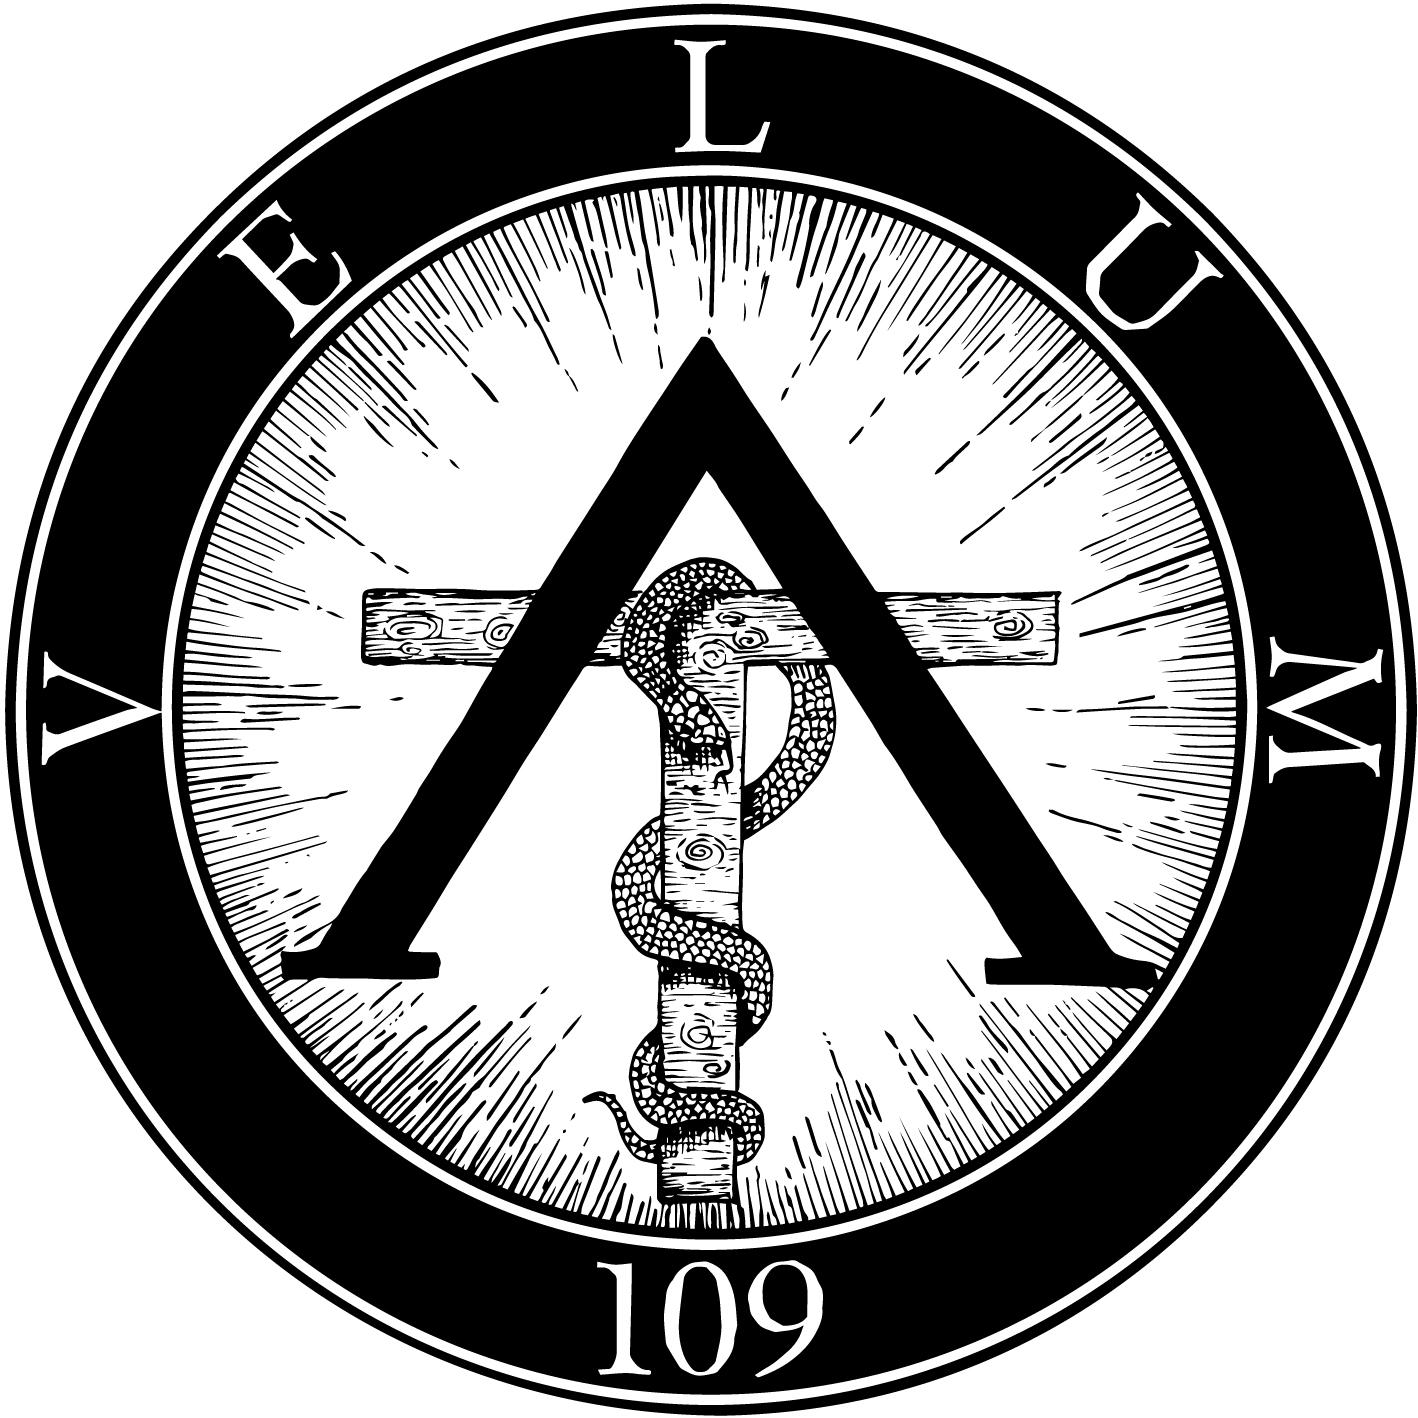 velum_patch_12_cms